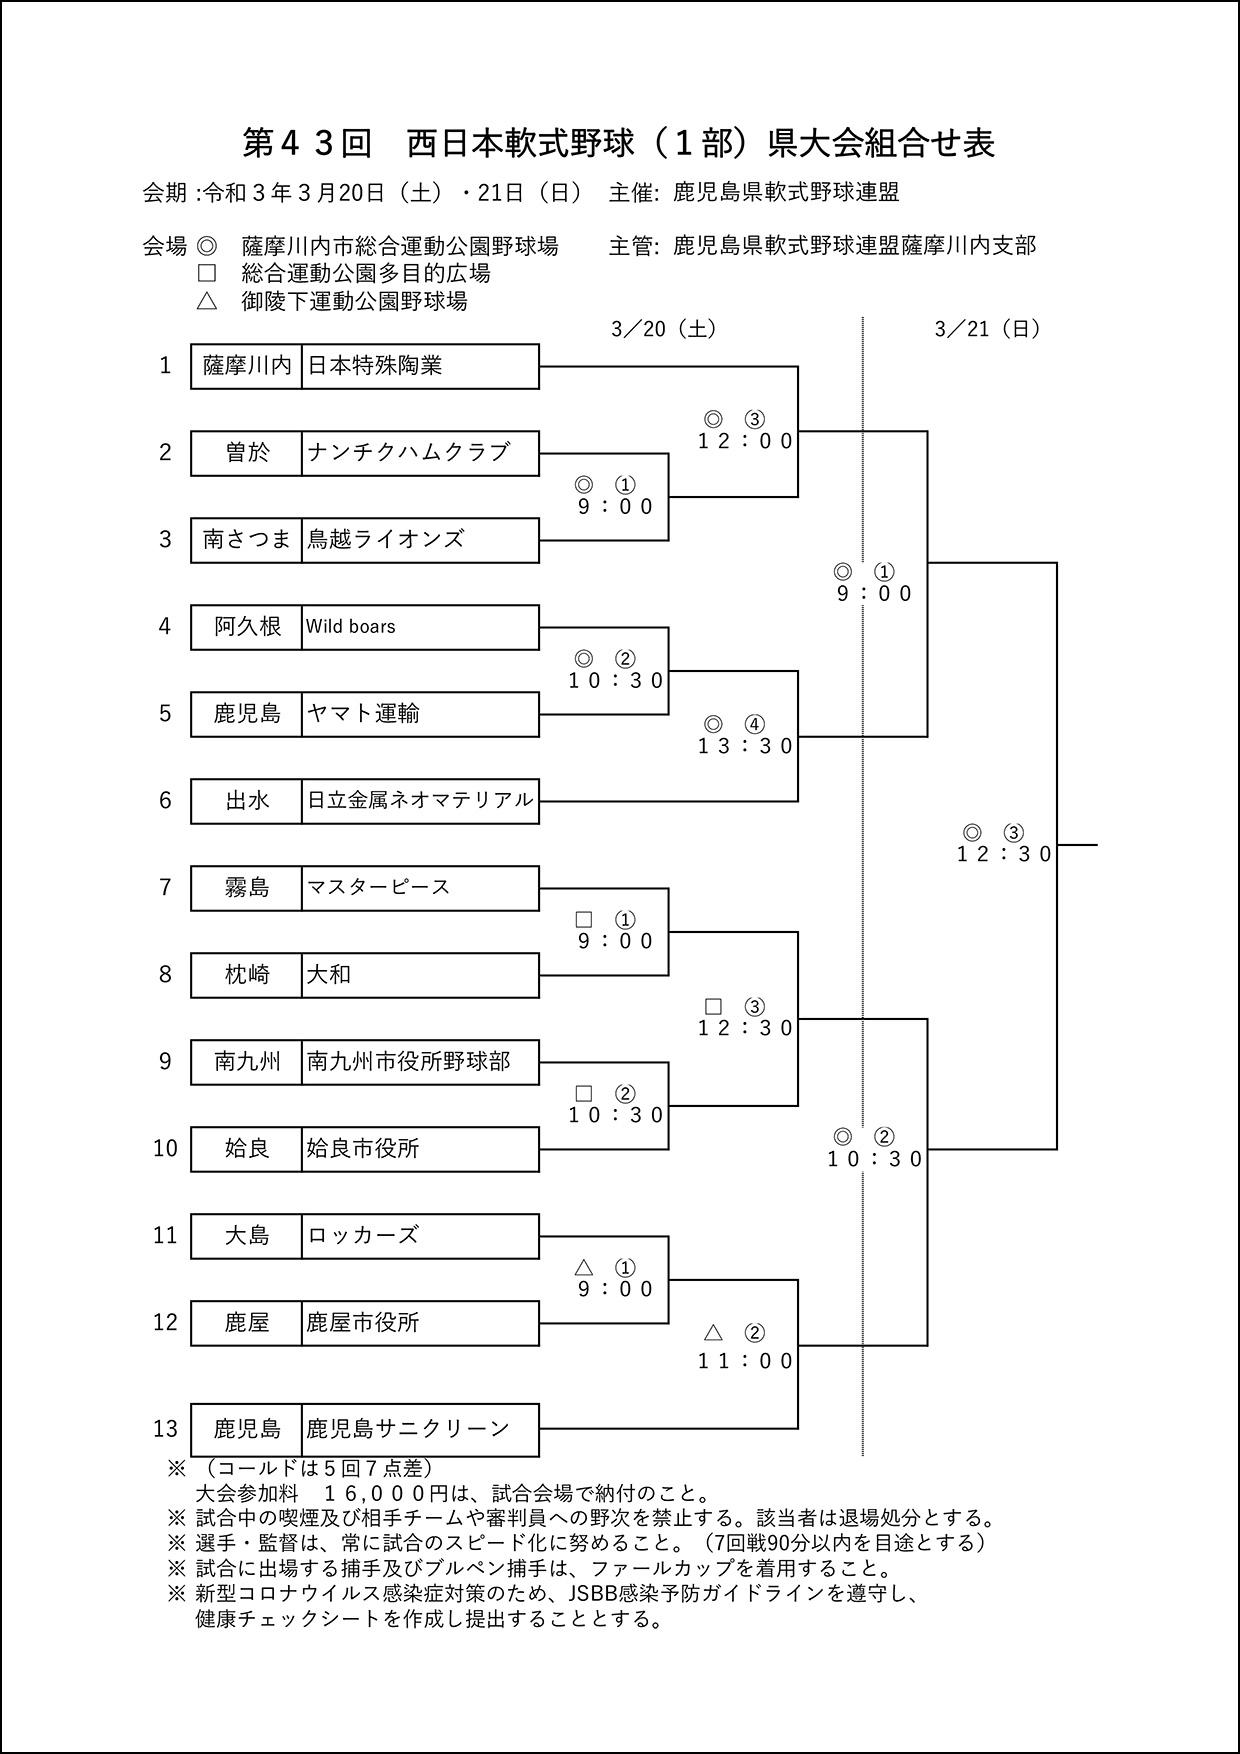 【組合せ】第43回西日本軟式野球(1部)県大会